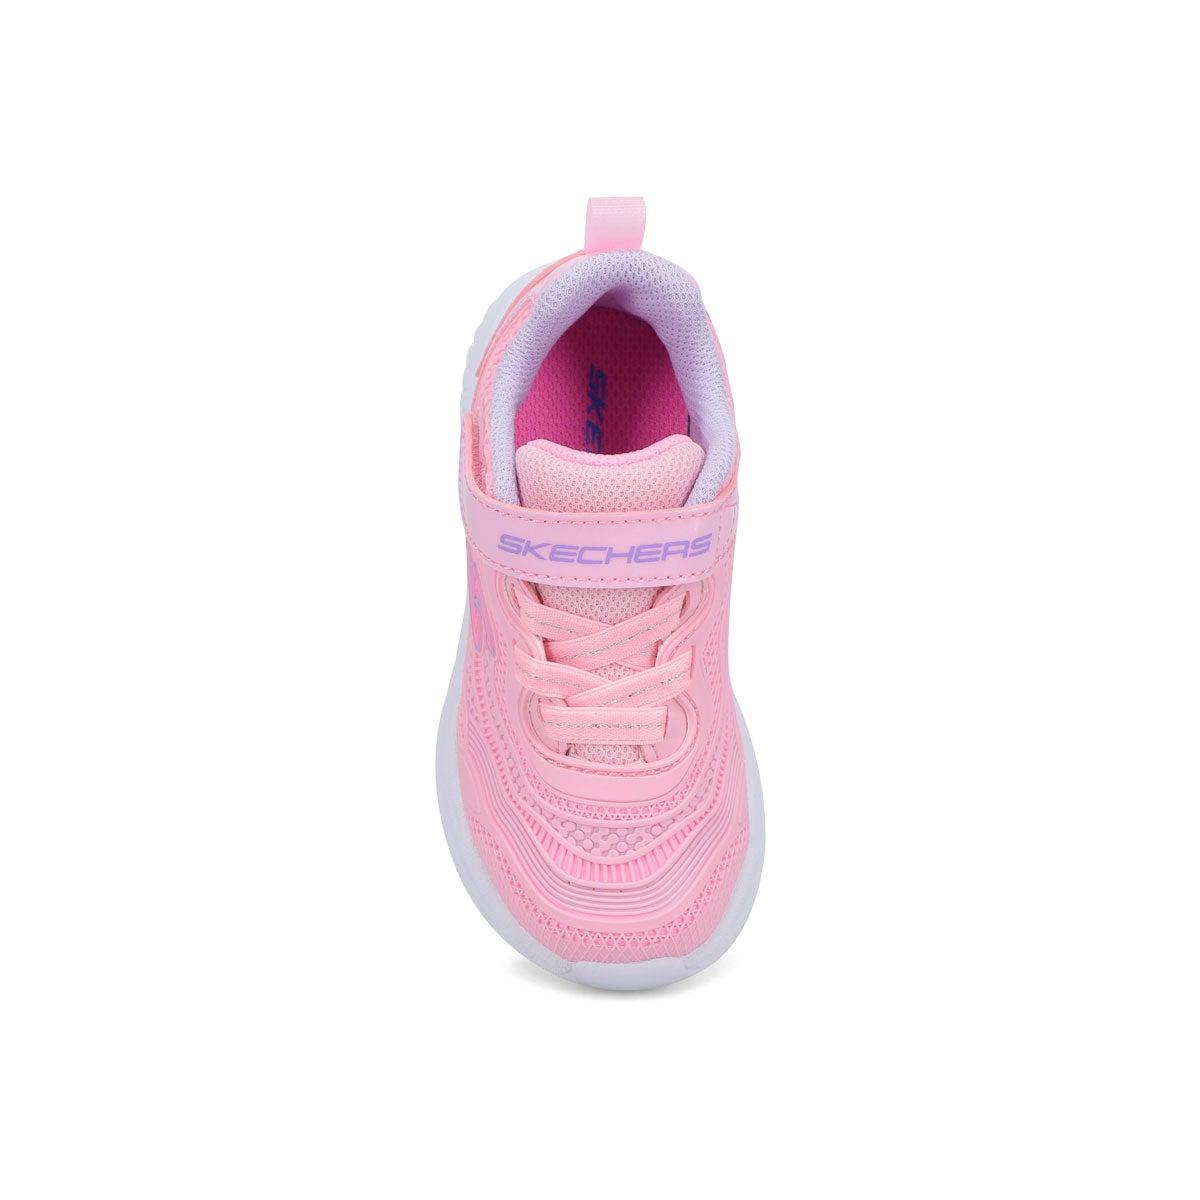 Infants' Jumpsters Sneaker - Pink/Purple